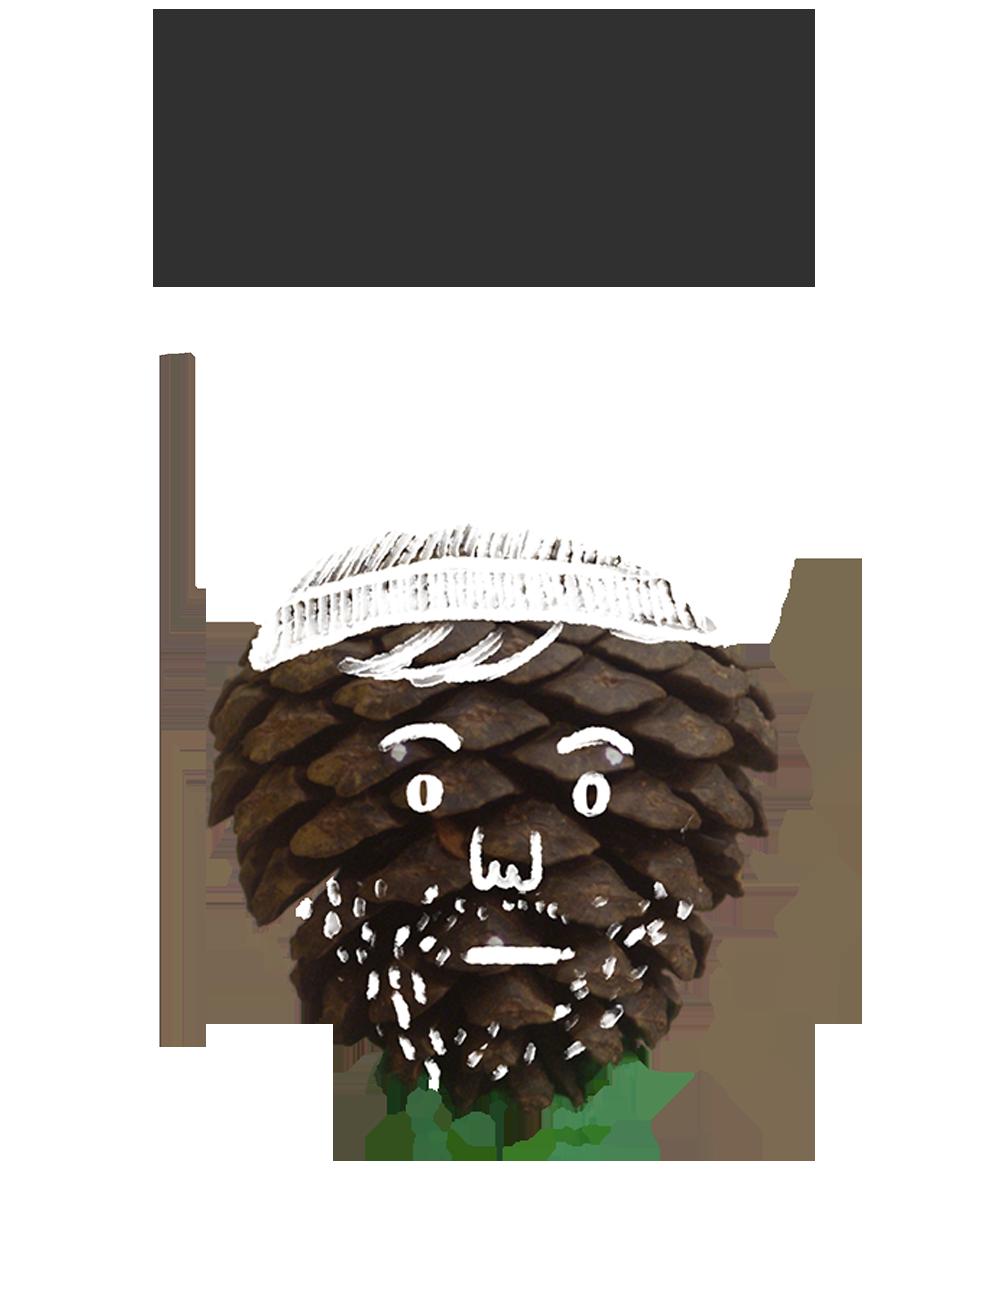 alex.png